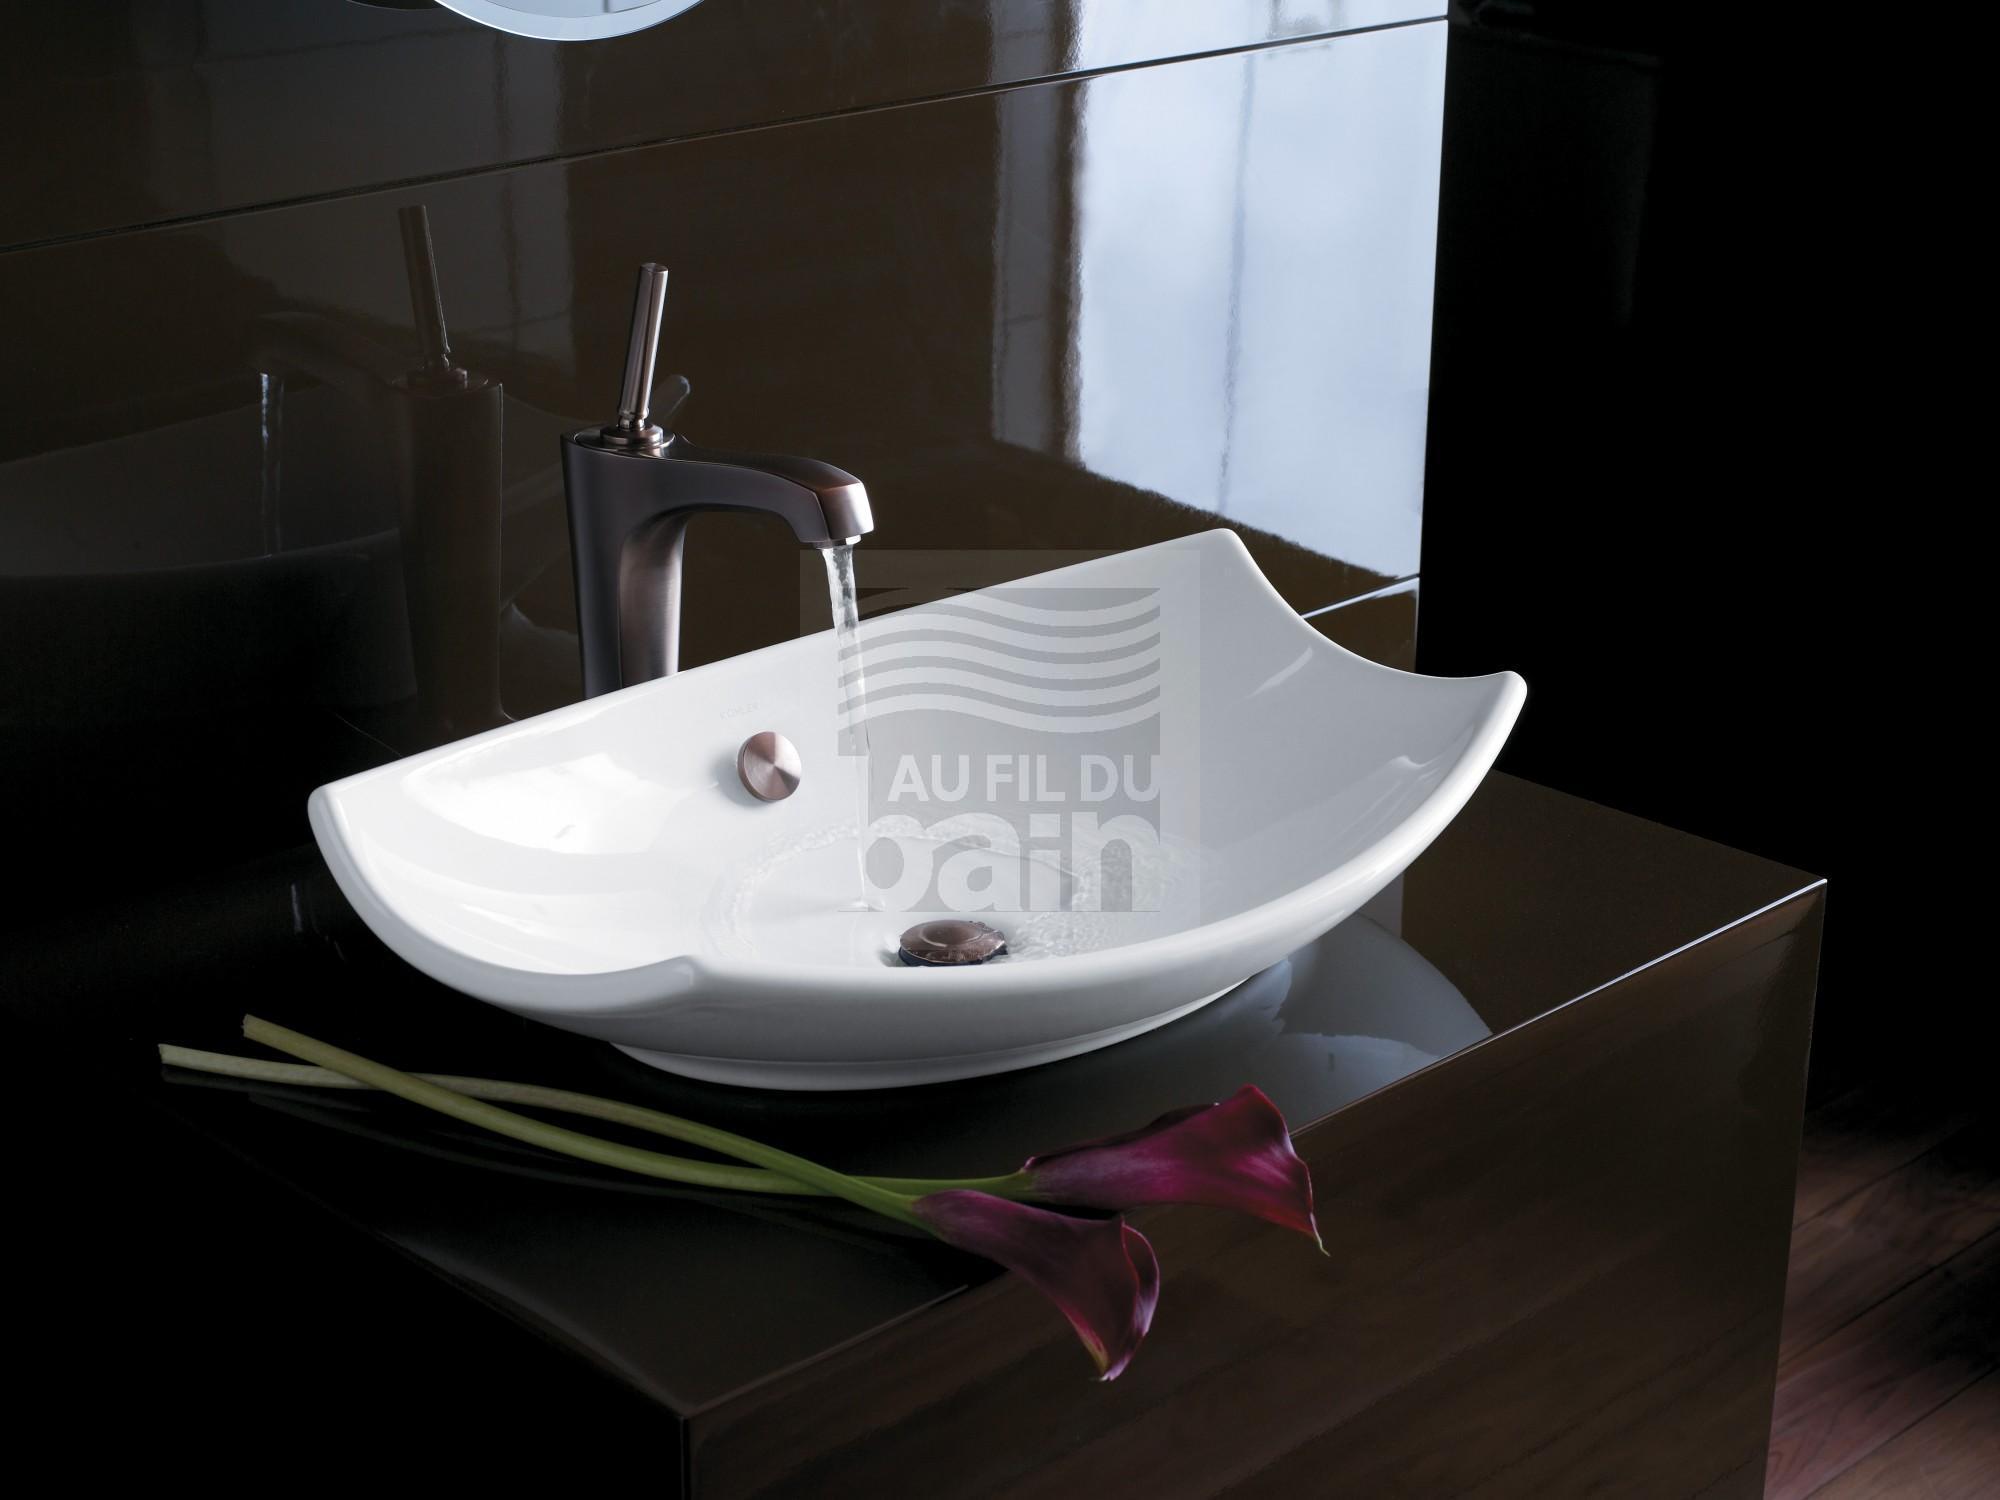 Vasques a poser ceramique magasin pour vente de meubles de salle de bains marseille tosolini - Magasin pour salle de bain ...